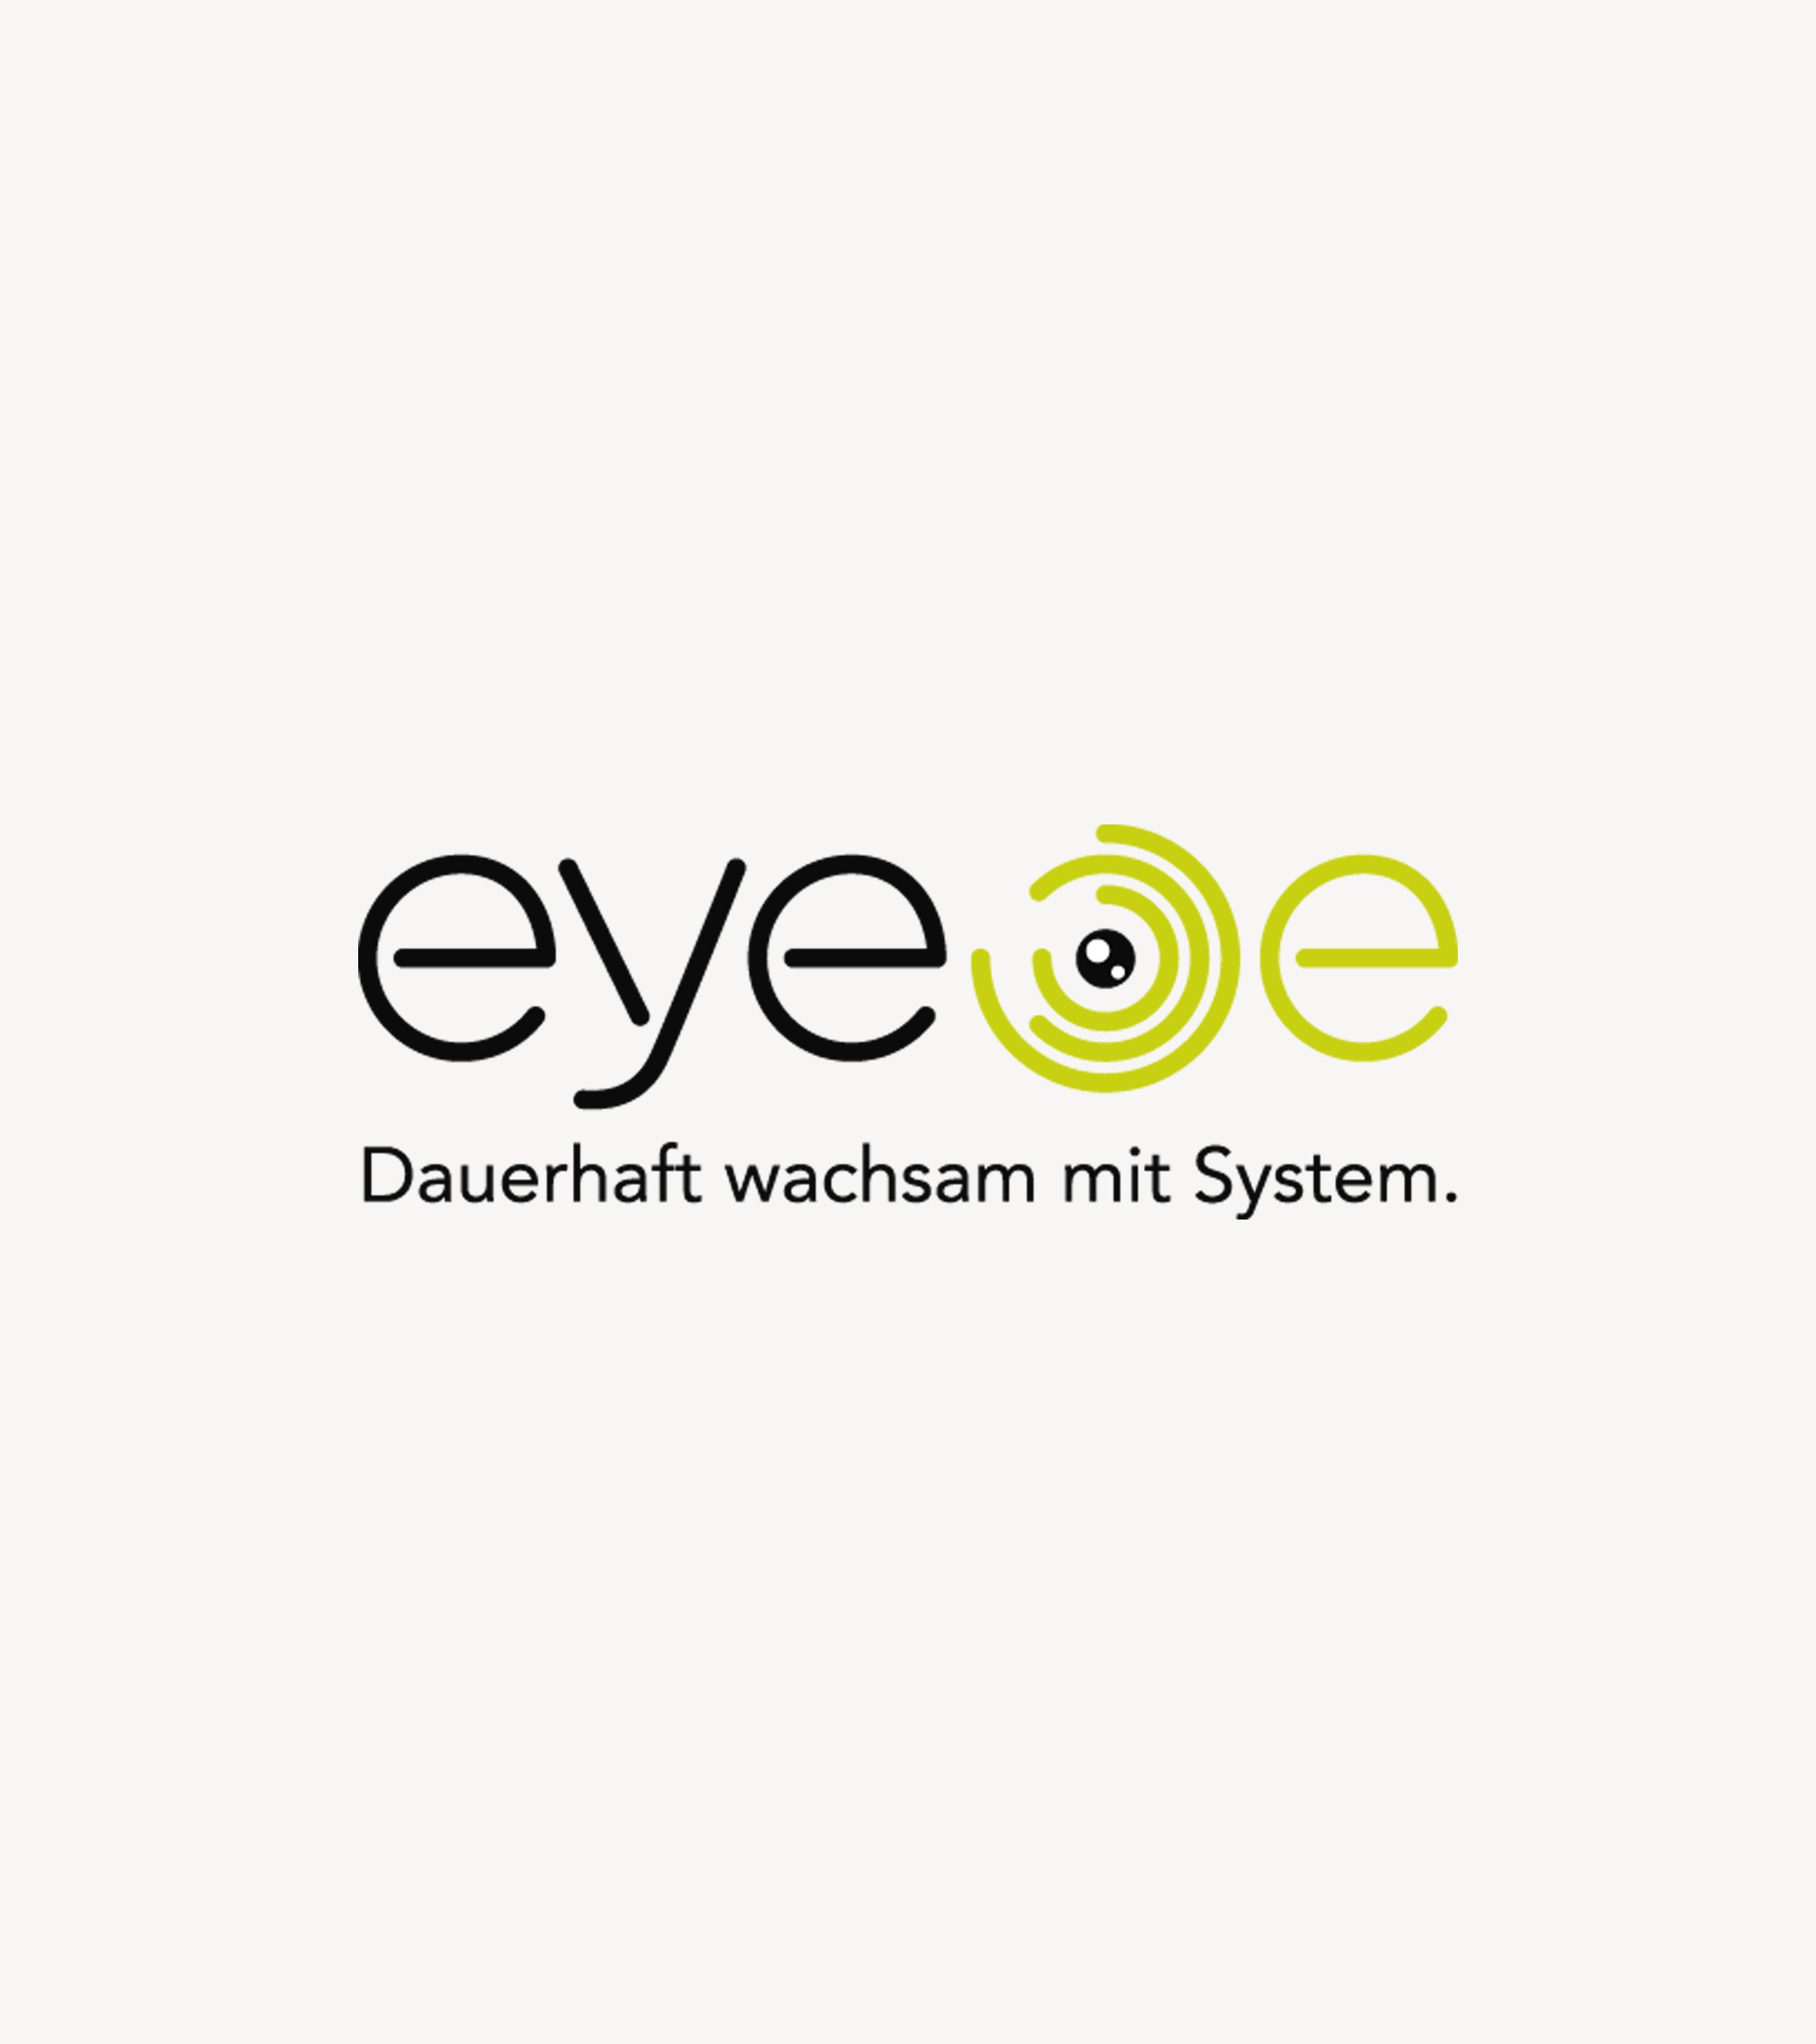 5_eyeoe_logo